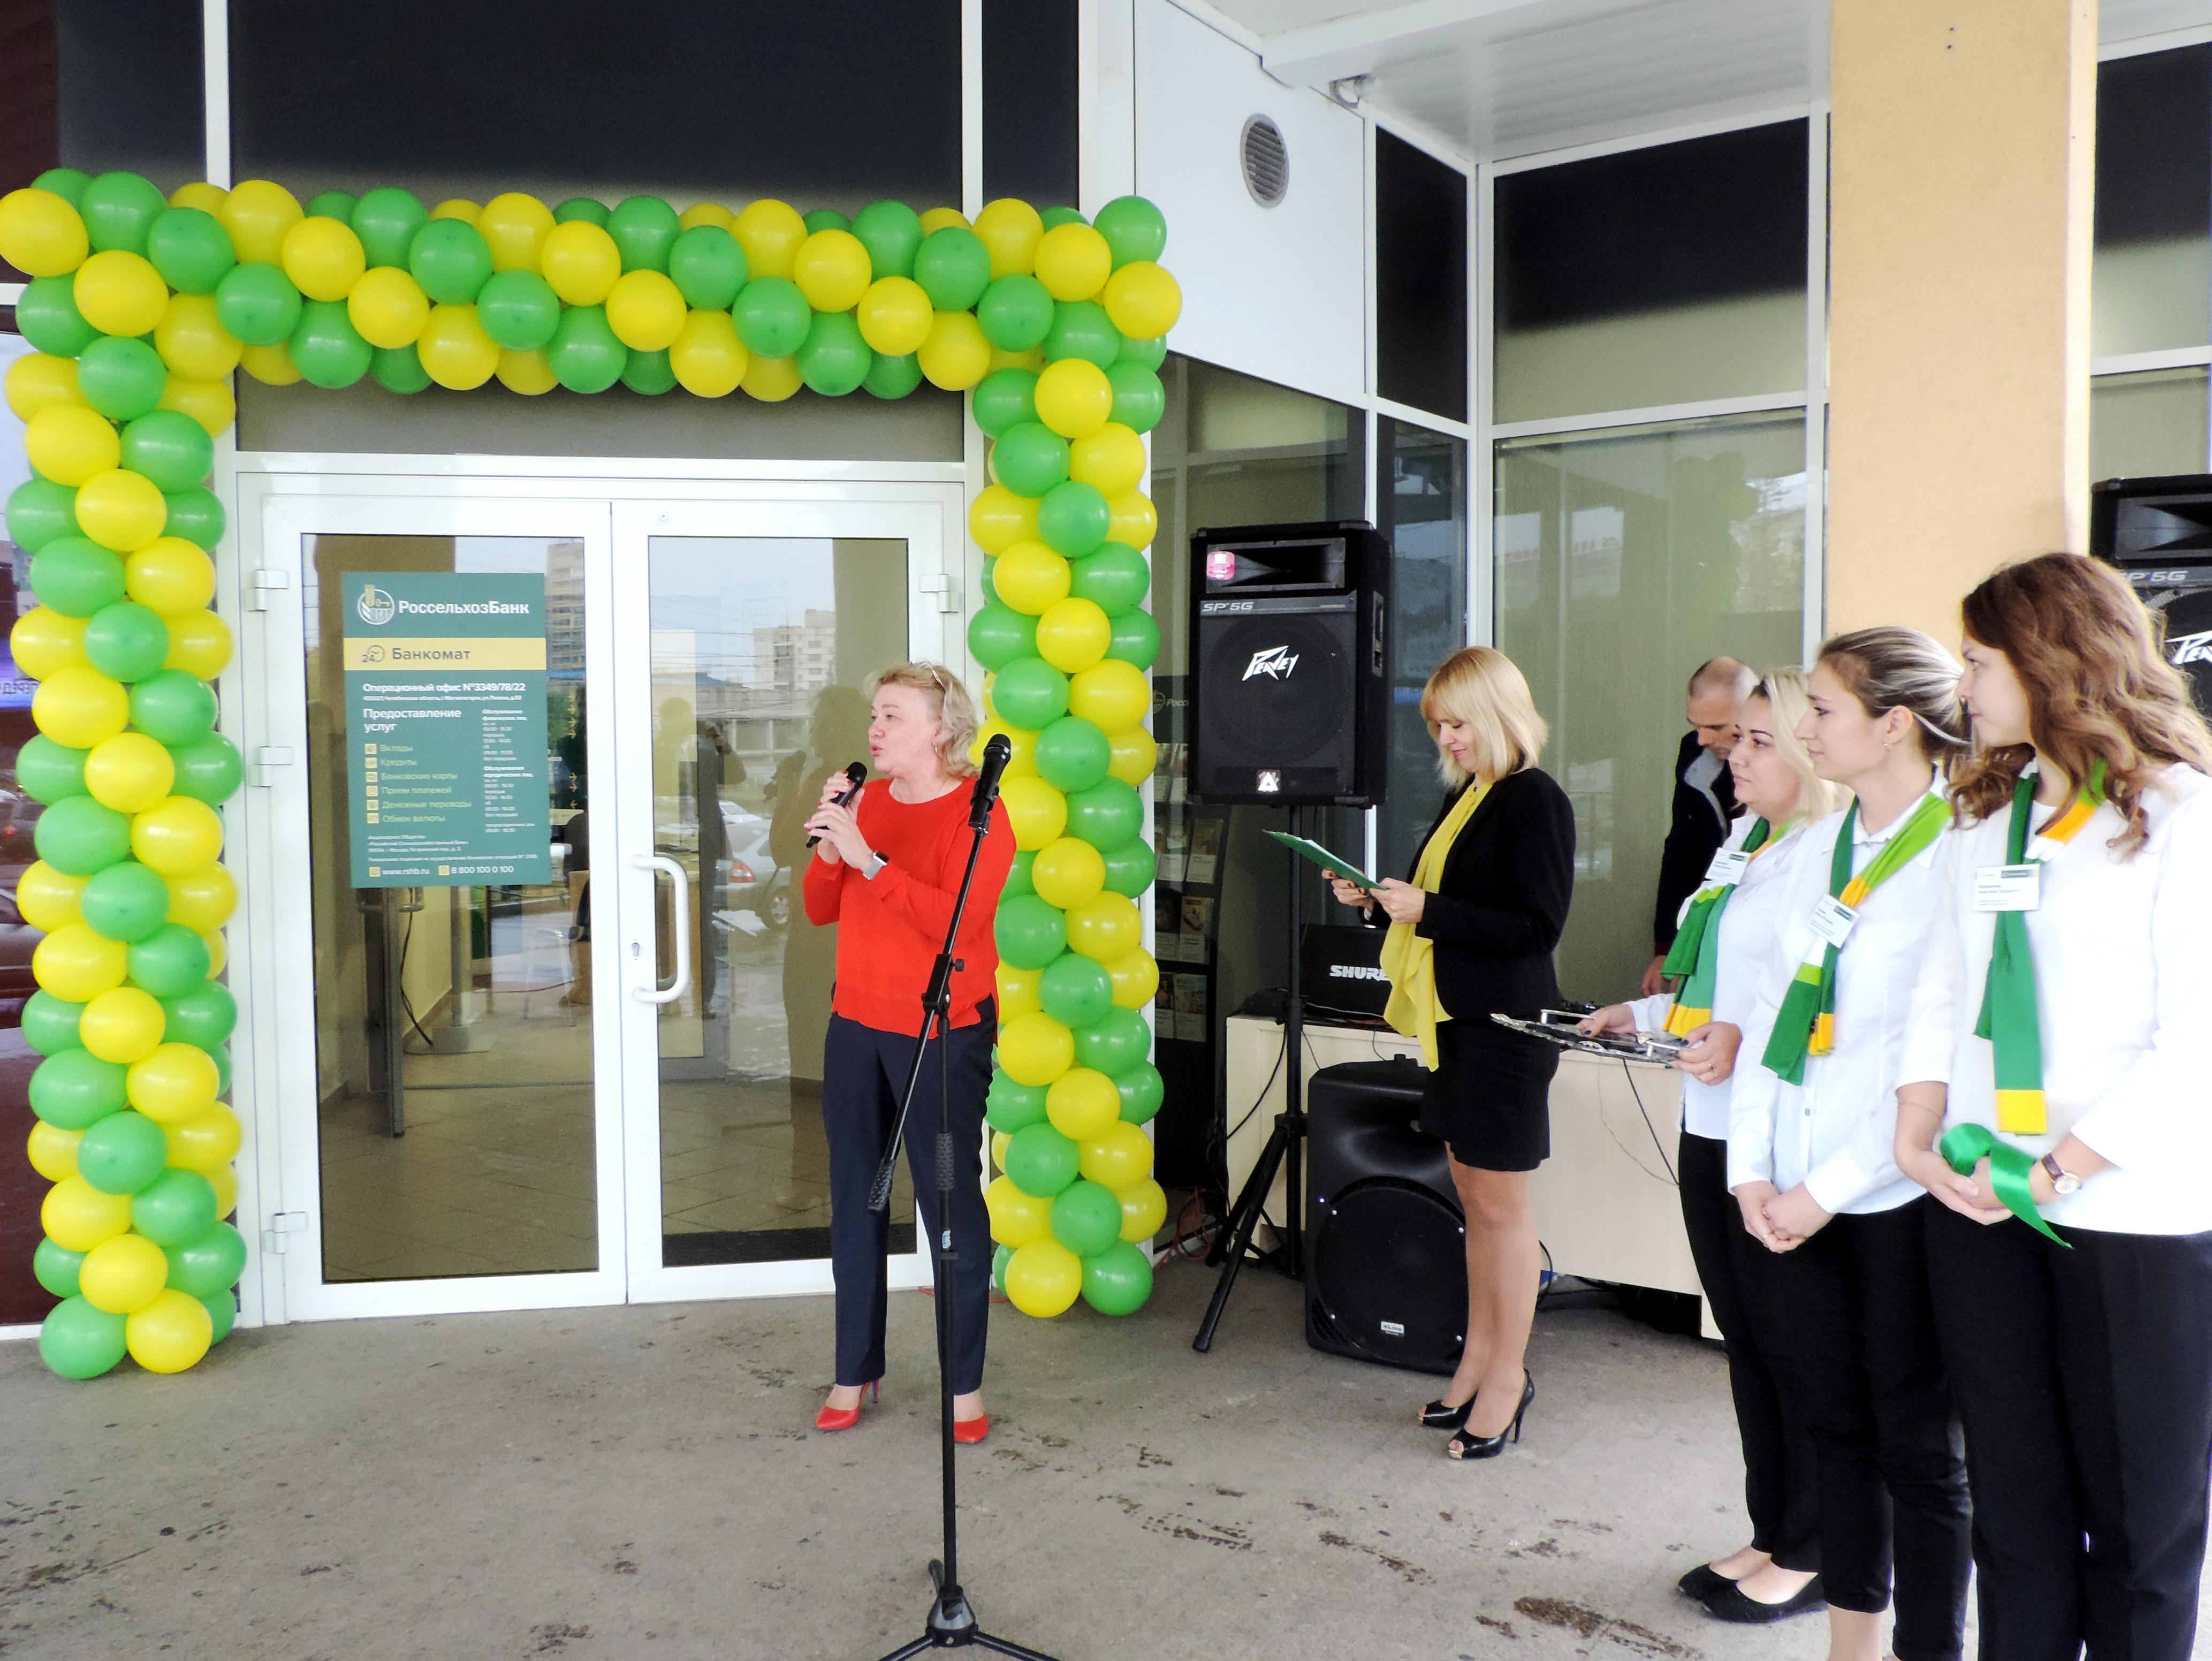 Новый офис Россельхозбанка открыл свои двери для жителей Магнитогорска (Челябинская область). Теп